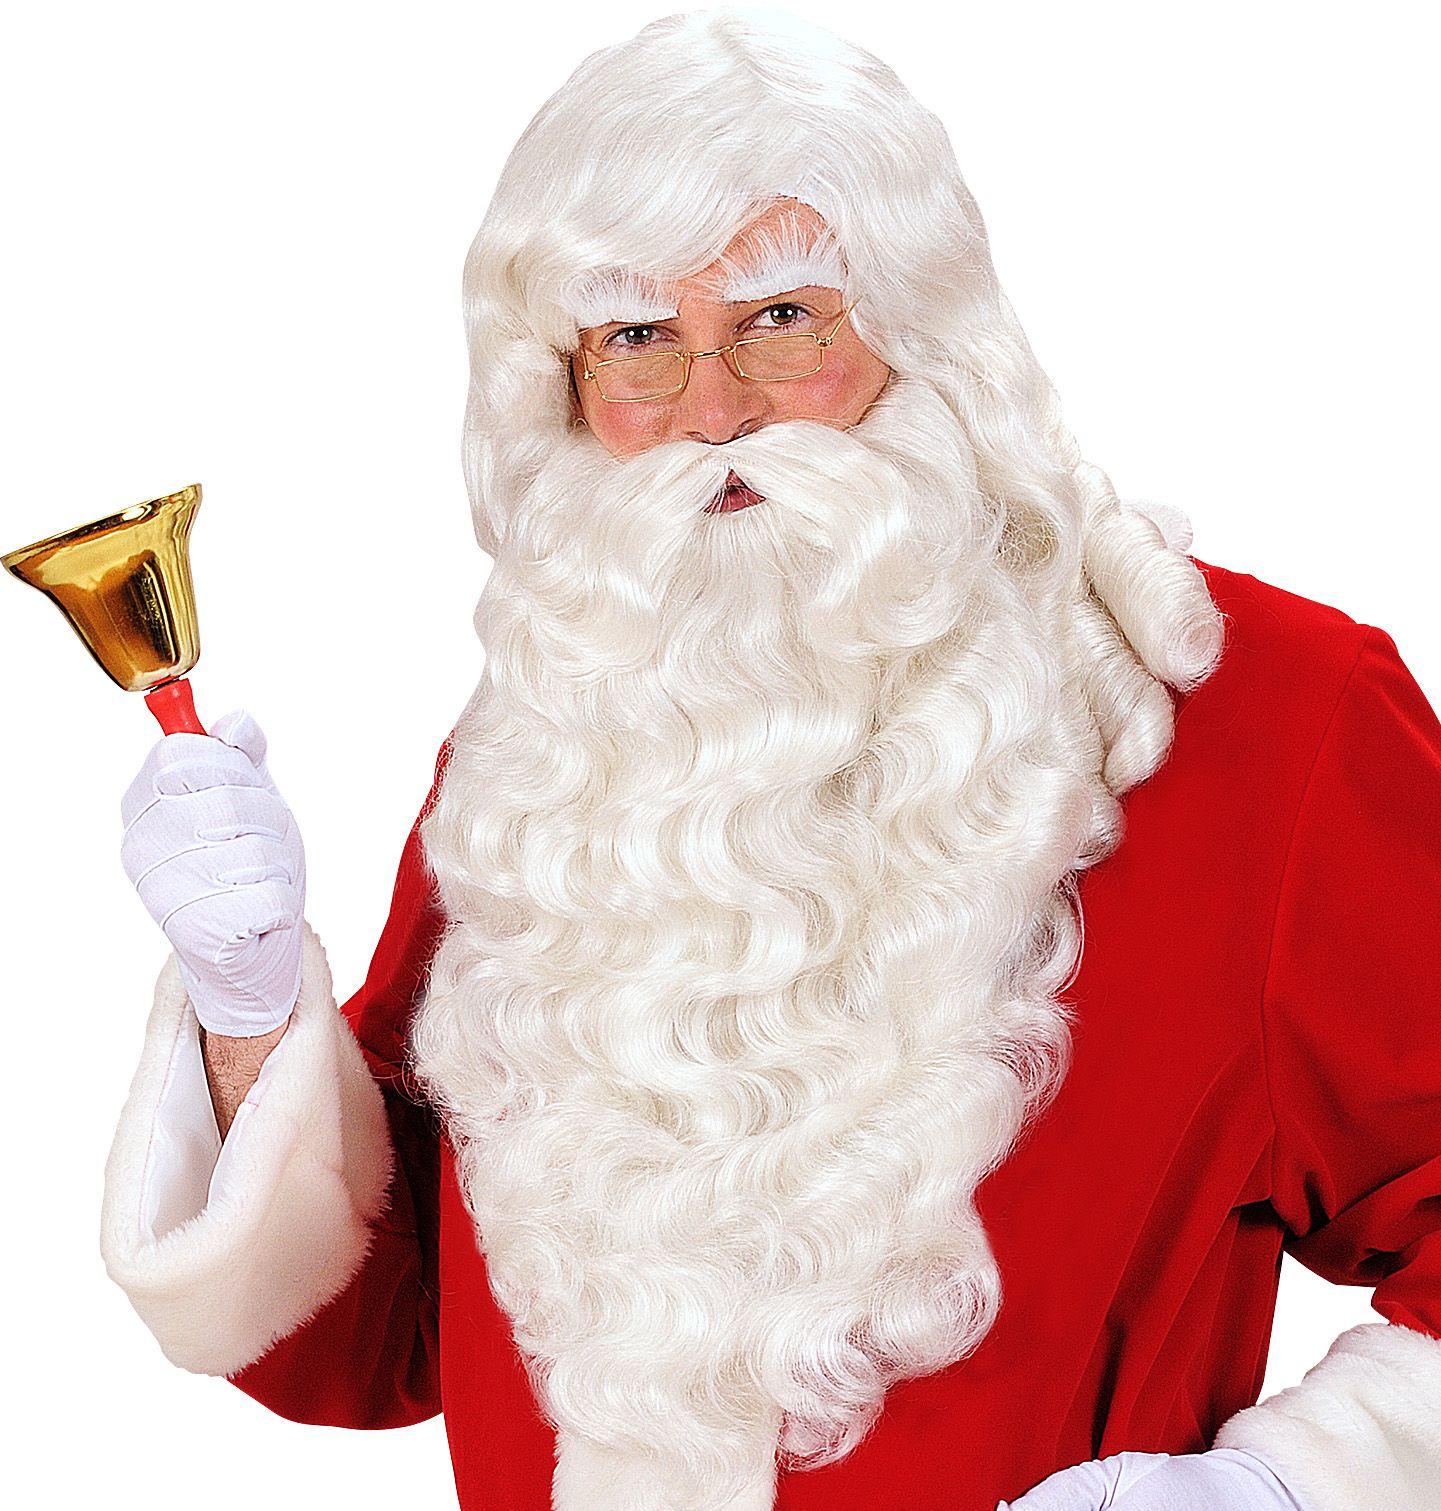 Witte kerstman pruik, baard, snor en wenkbrauwen